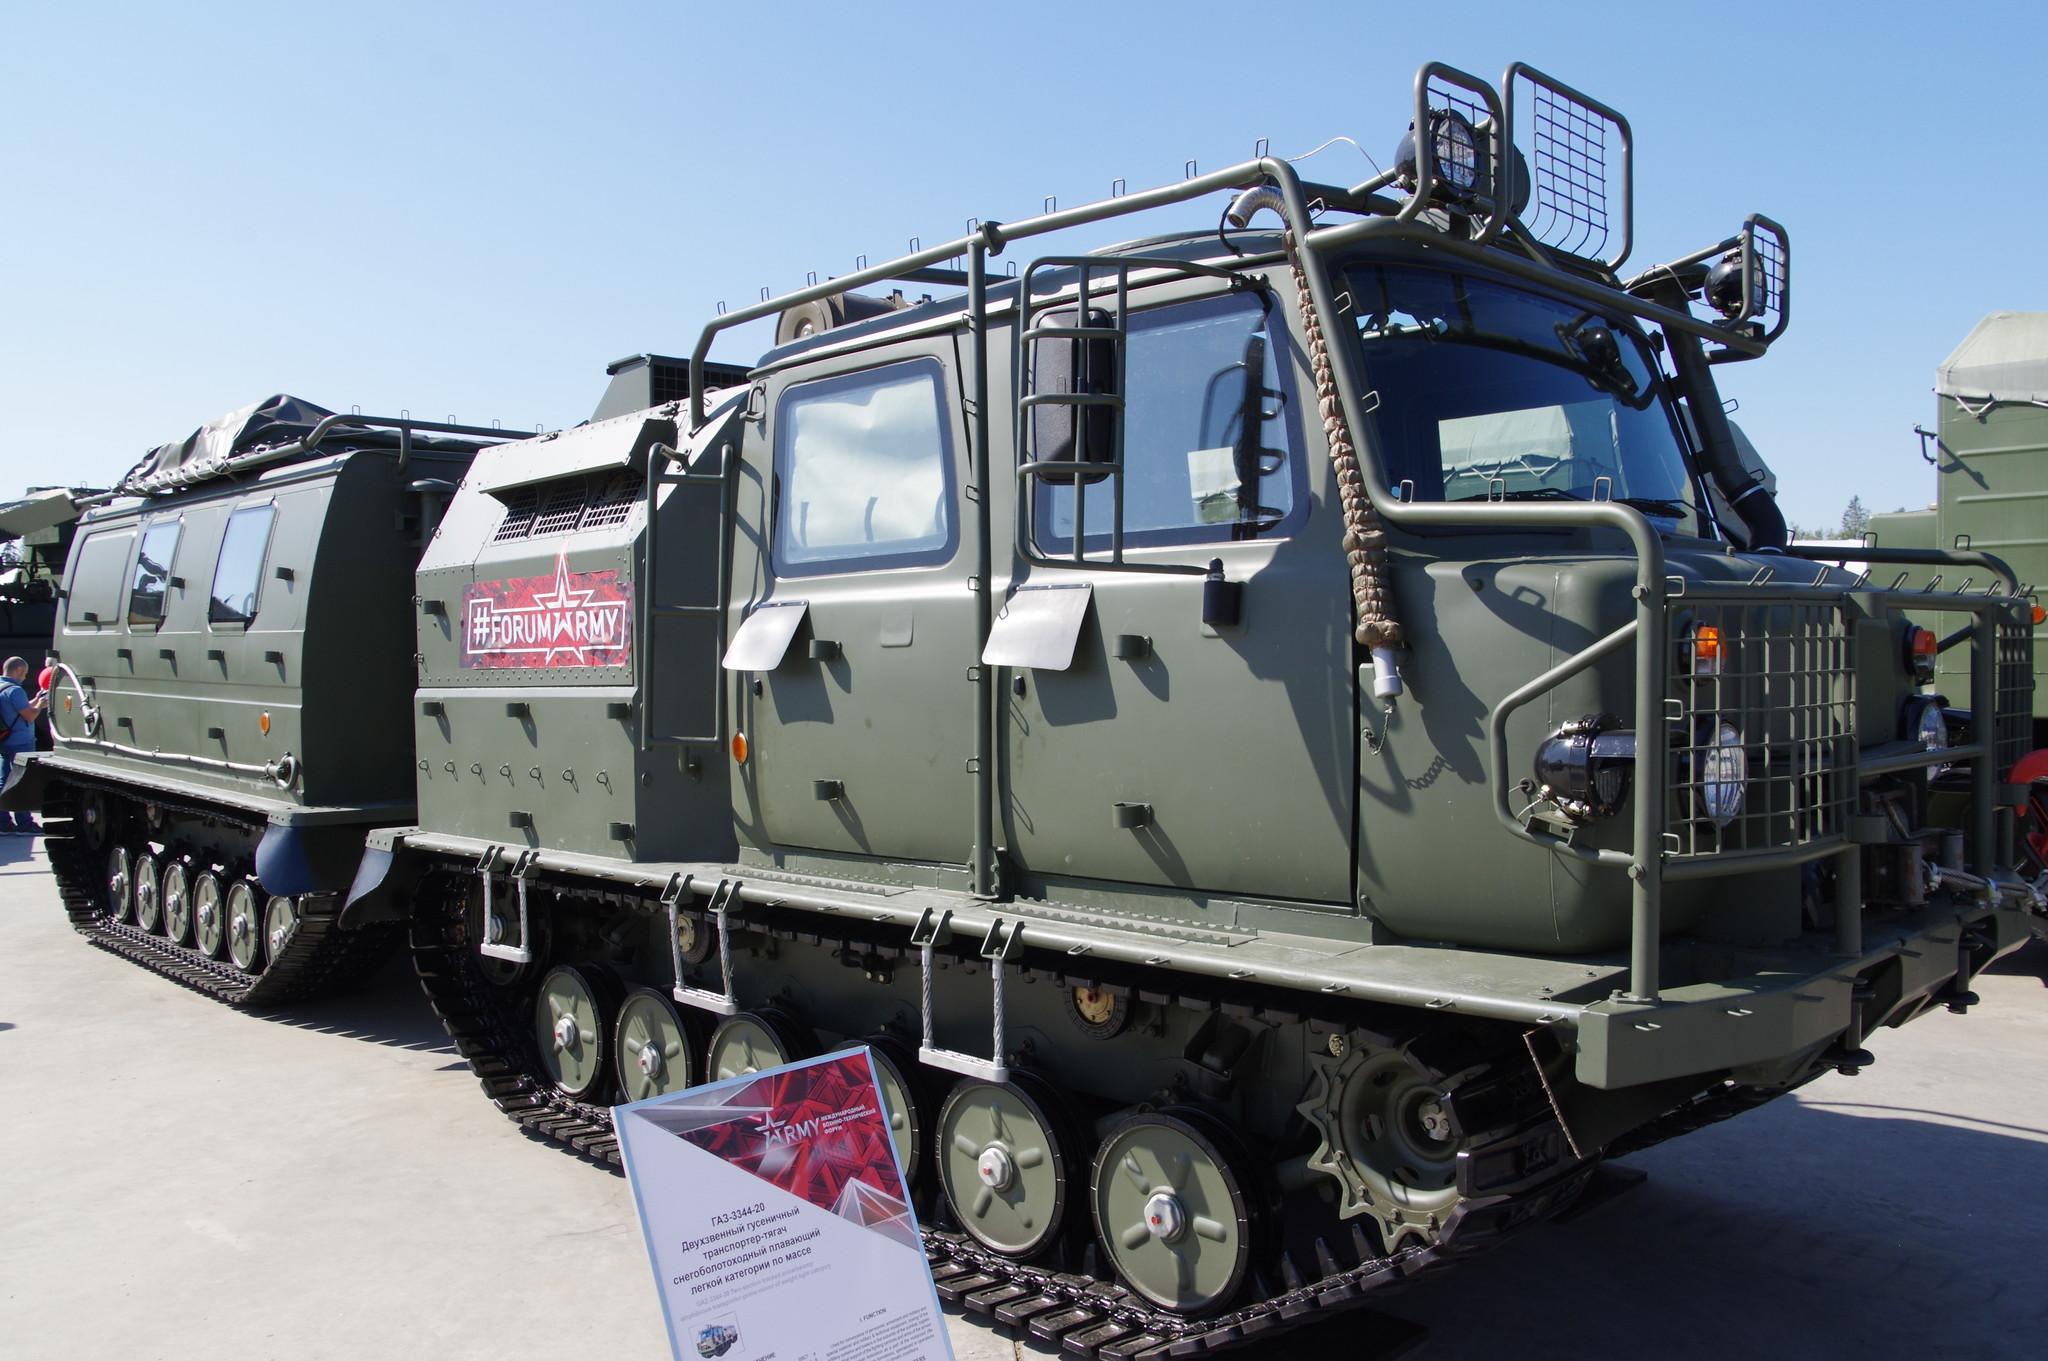 ГАЗ-3344-20. Двухзвенный гусеничный транспортёр-тягач снегоболотоходный плавающий лёгкой категории по массе